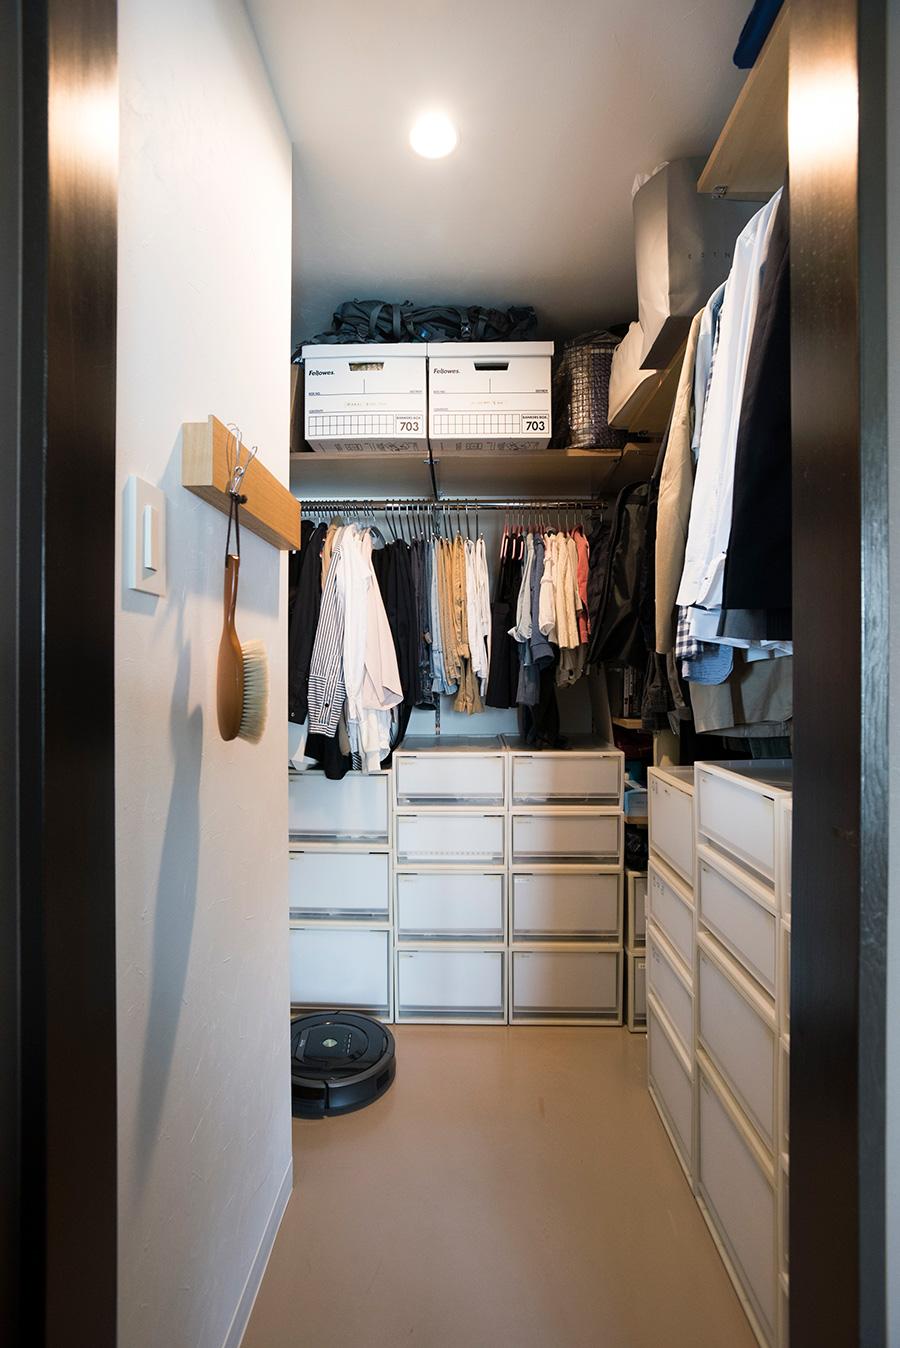 収納ケースやボックスを整然と活用。白い紙を使ってケースの中身を隠すことでごちゃついて見えるのを防いでいる。シーズンオフの靴もここに収納。